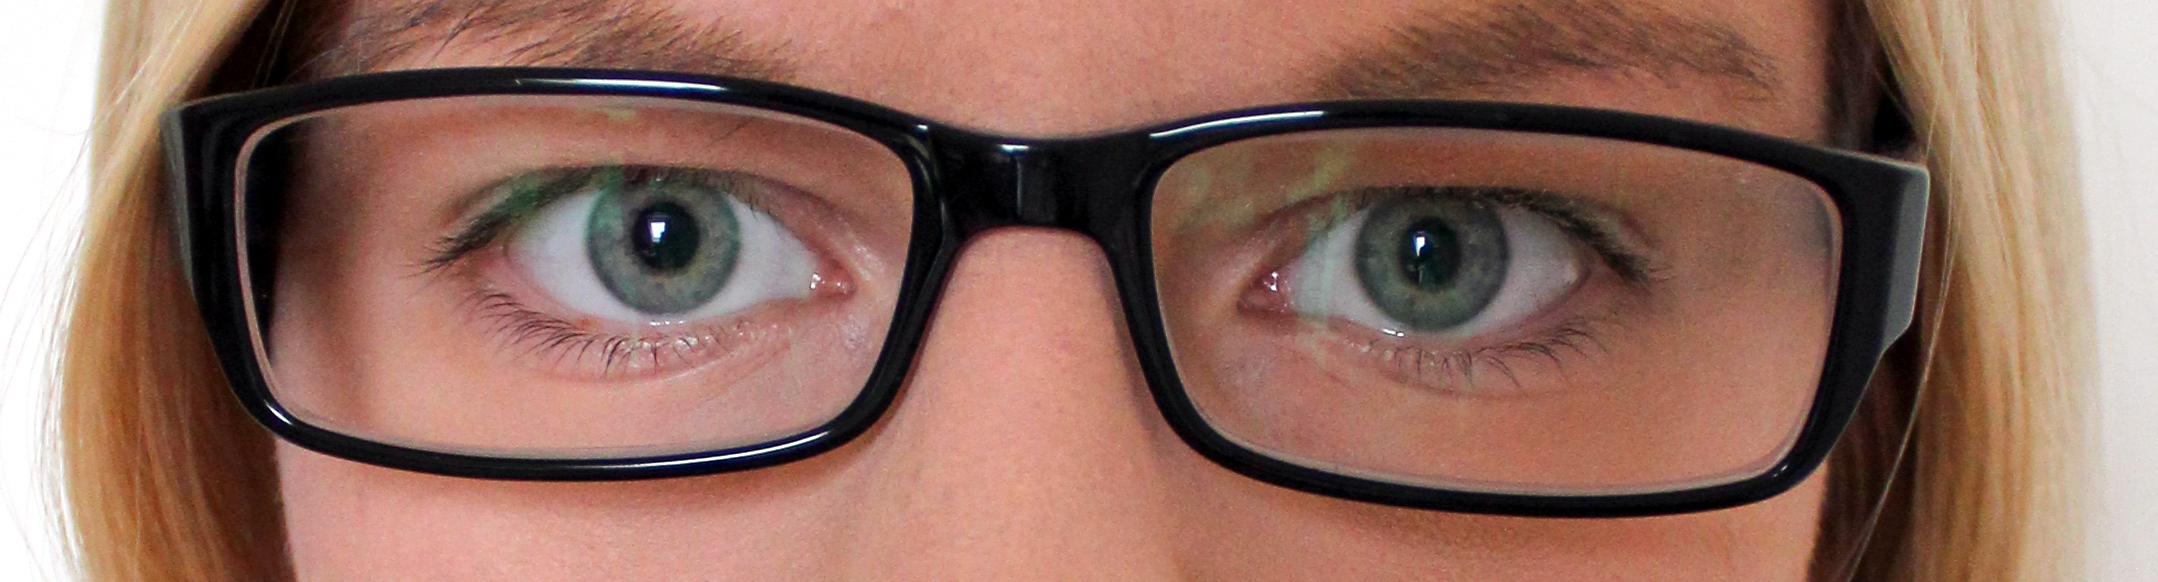 Brille Führerschein